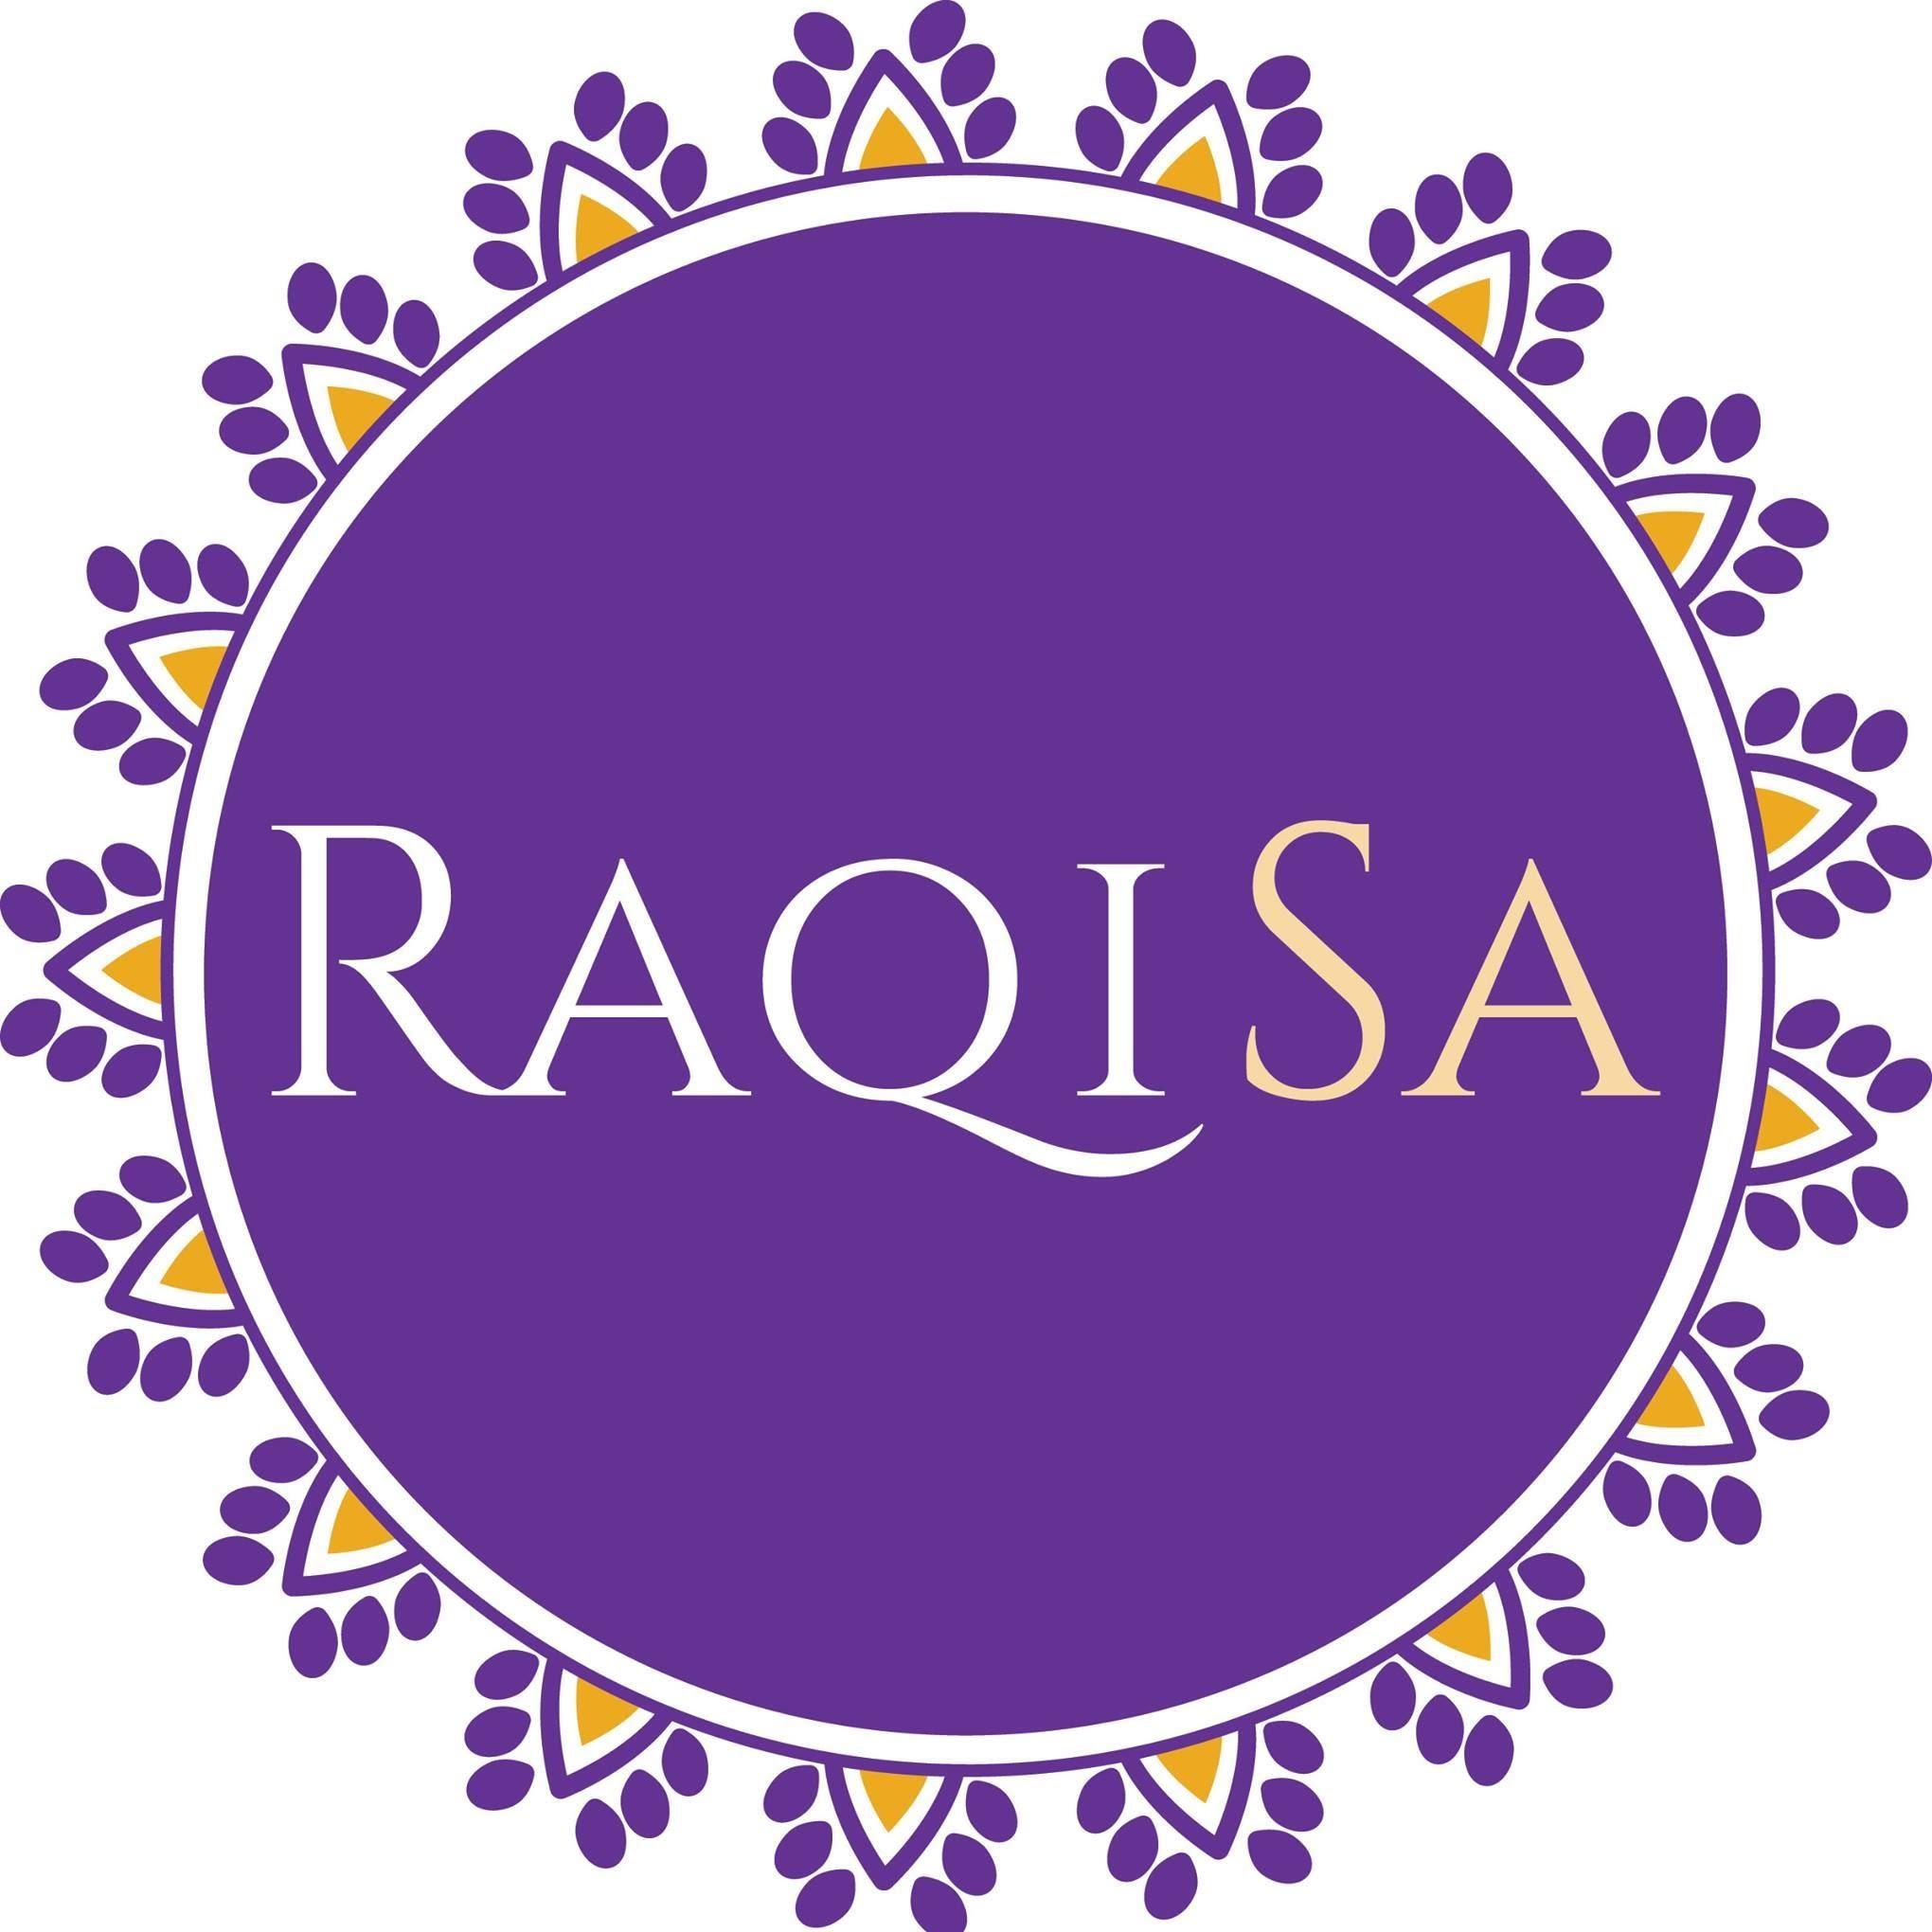 RAQ THE BARRE®, by RAQISA®